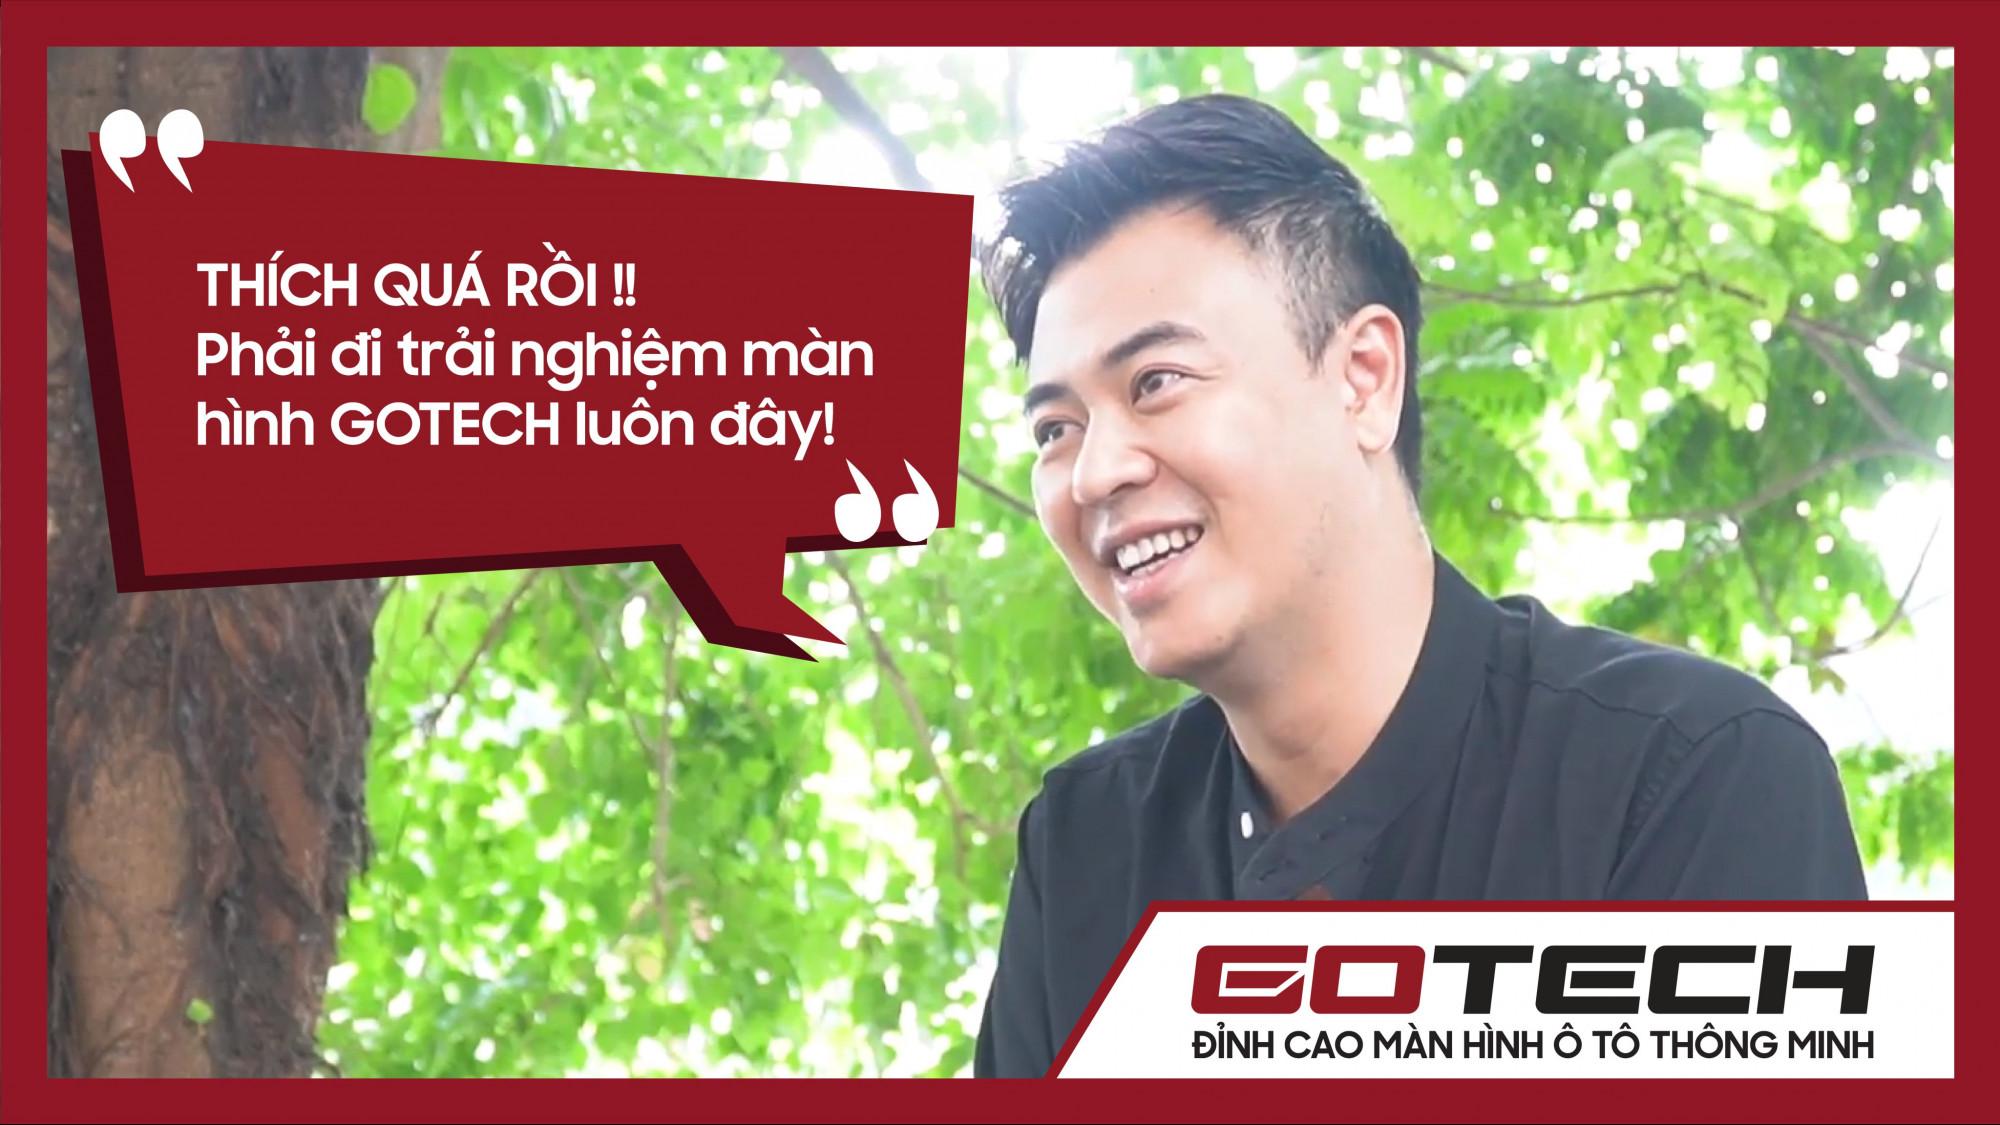 MC Diễn viên Tuấn Tú thích thú trải nghiệm màn hình ô tô thông minh GOTECH